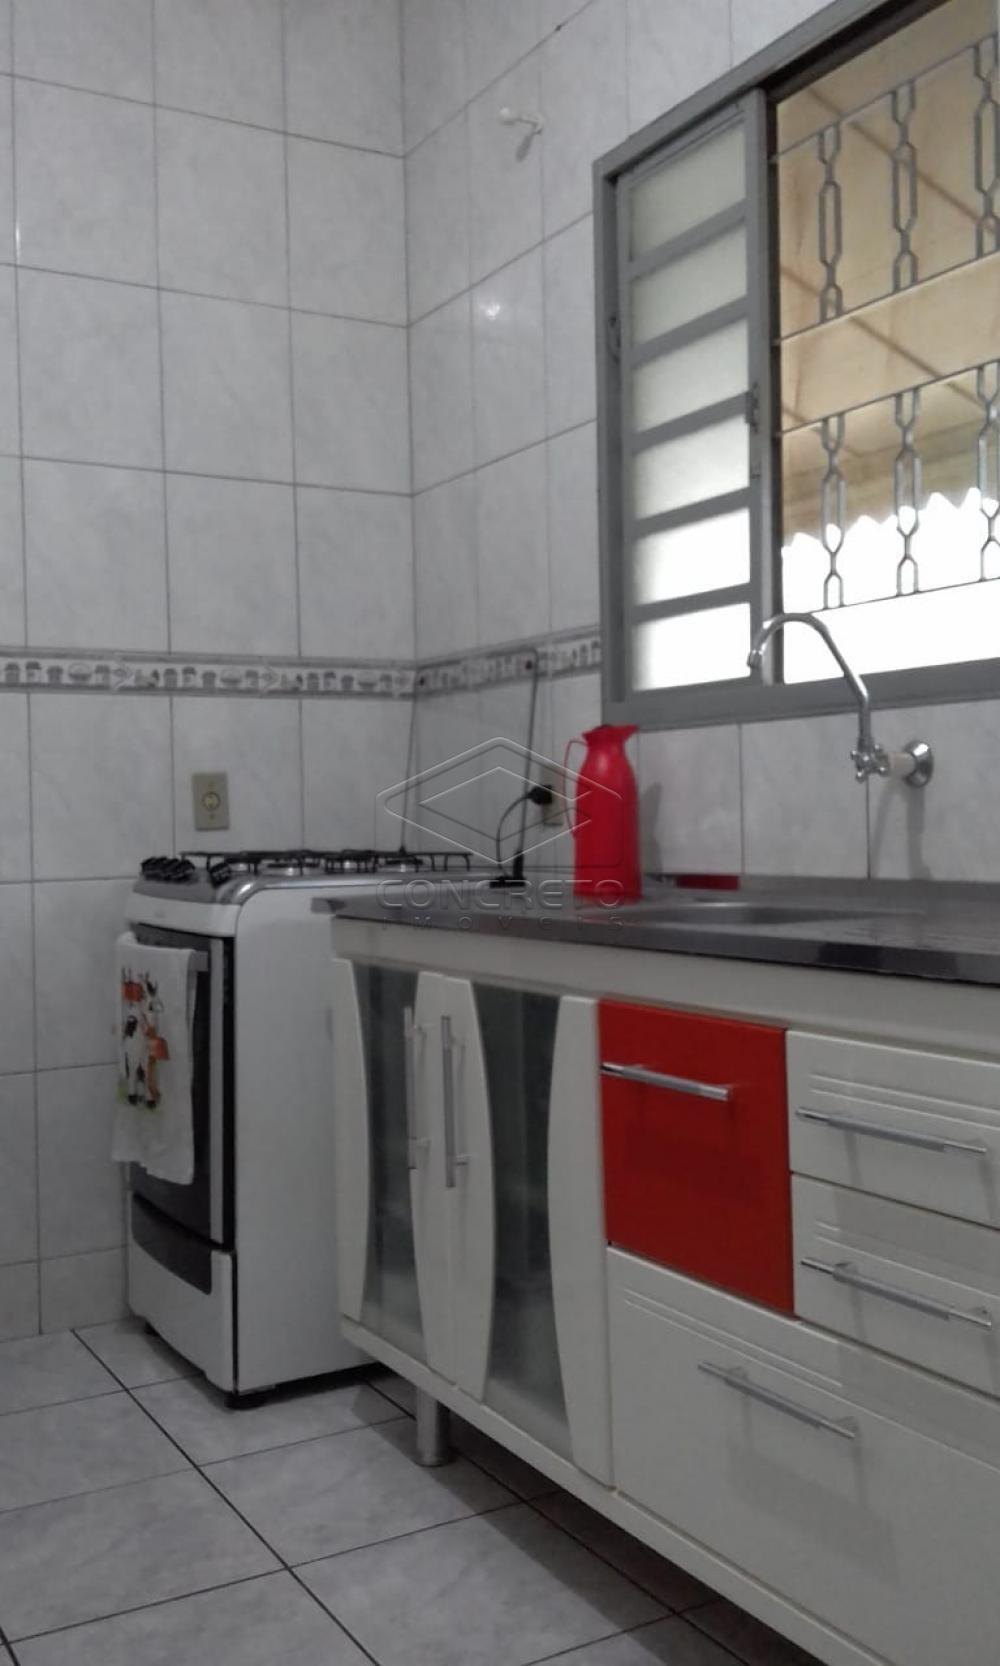 Comprar Casa / Padrão em Bauru apenas R$ 200.000,00 - Foto 5